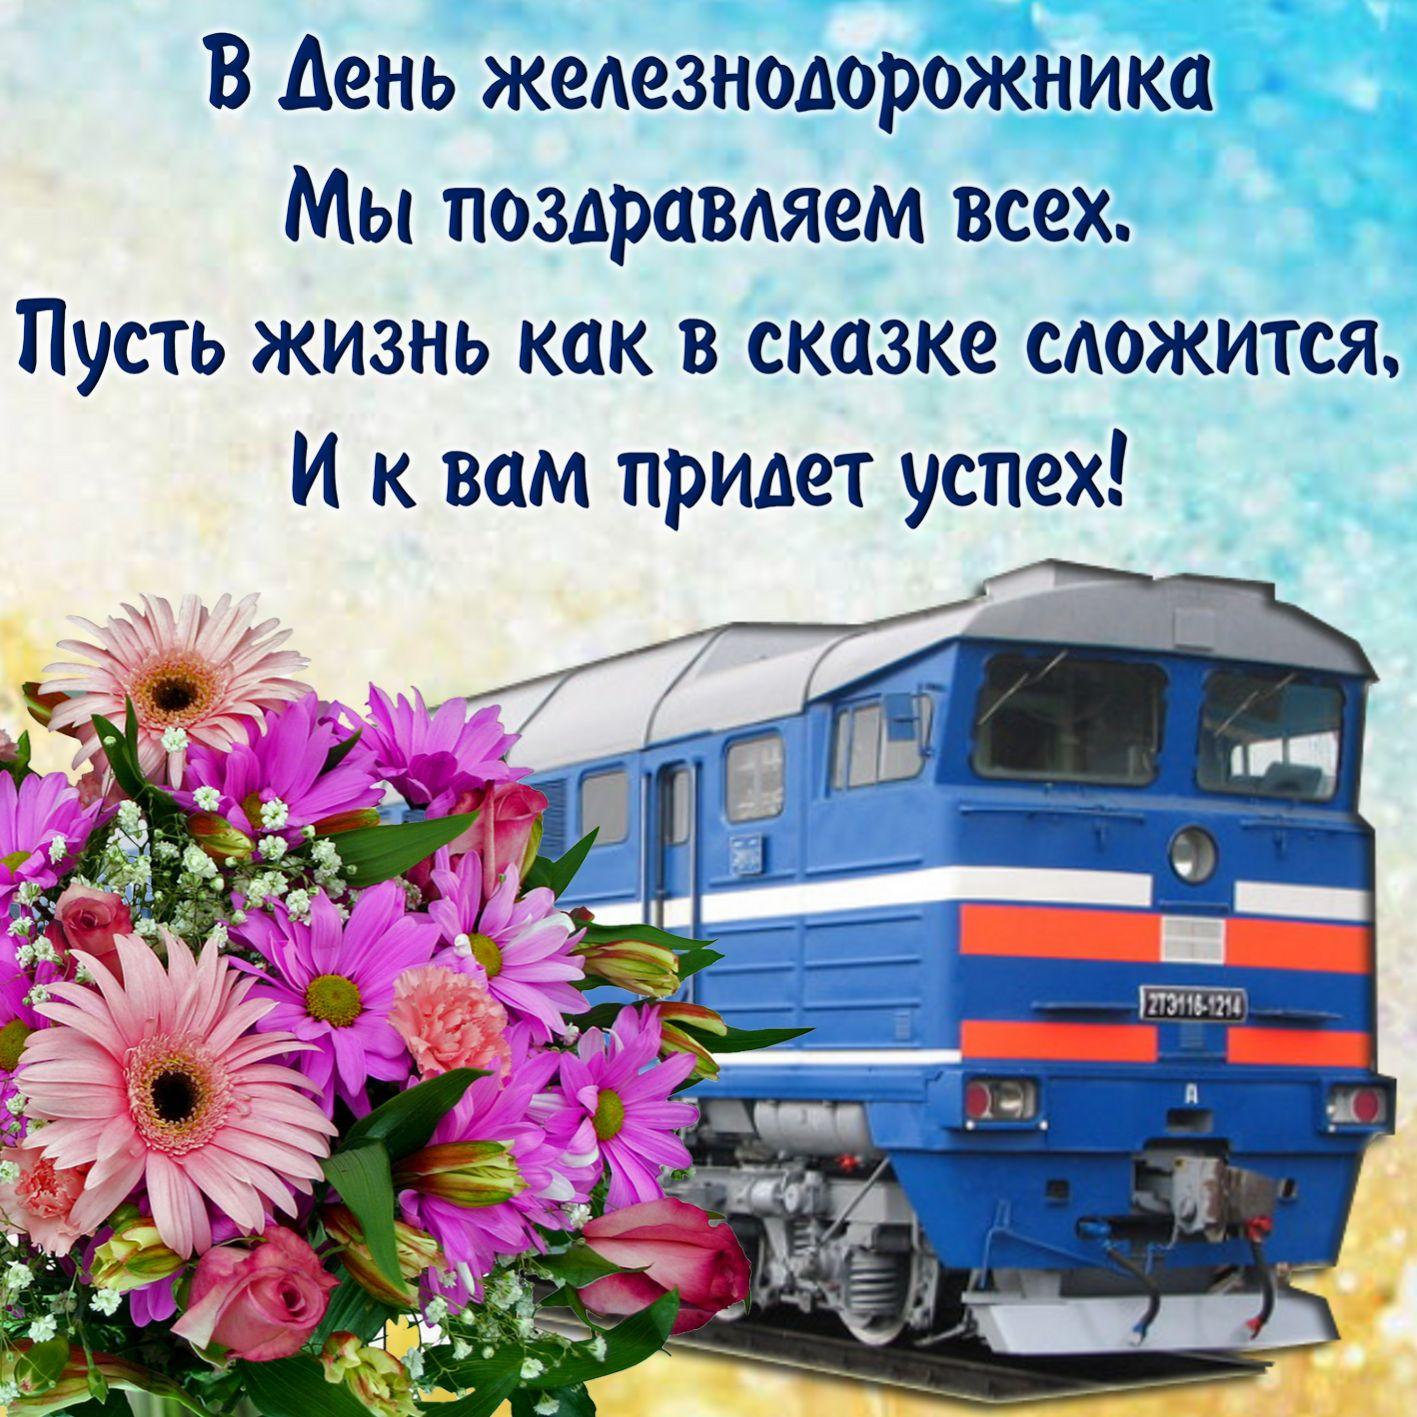 мар открытки праздник железнодорожников говорить